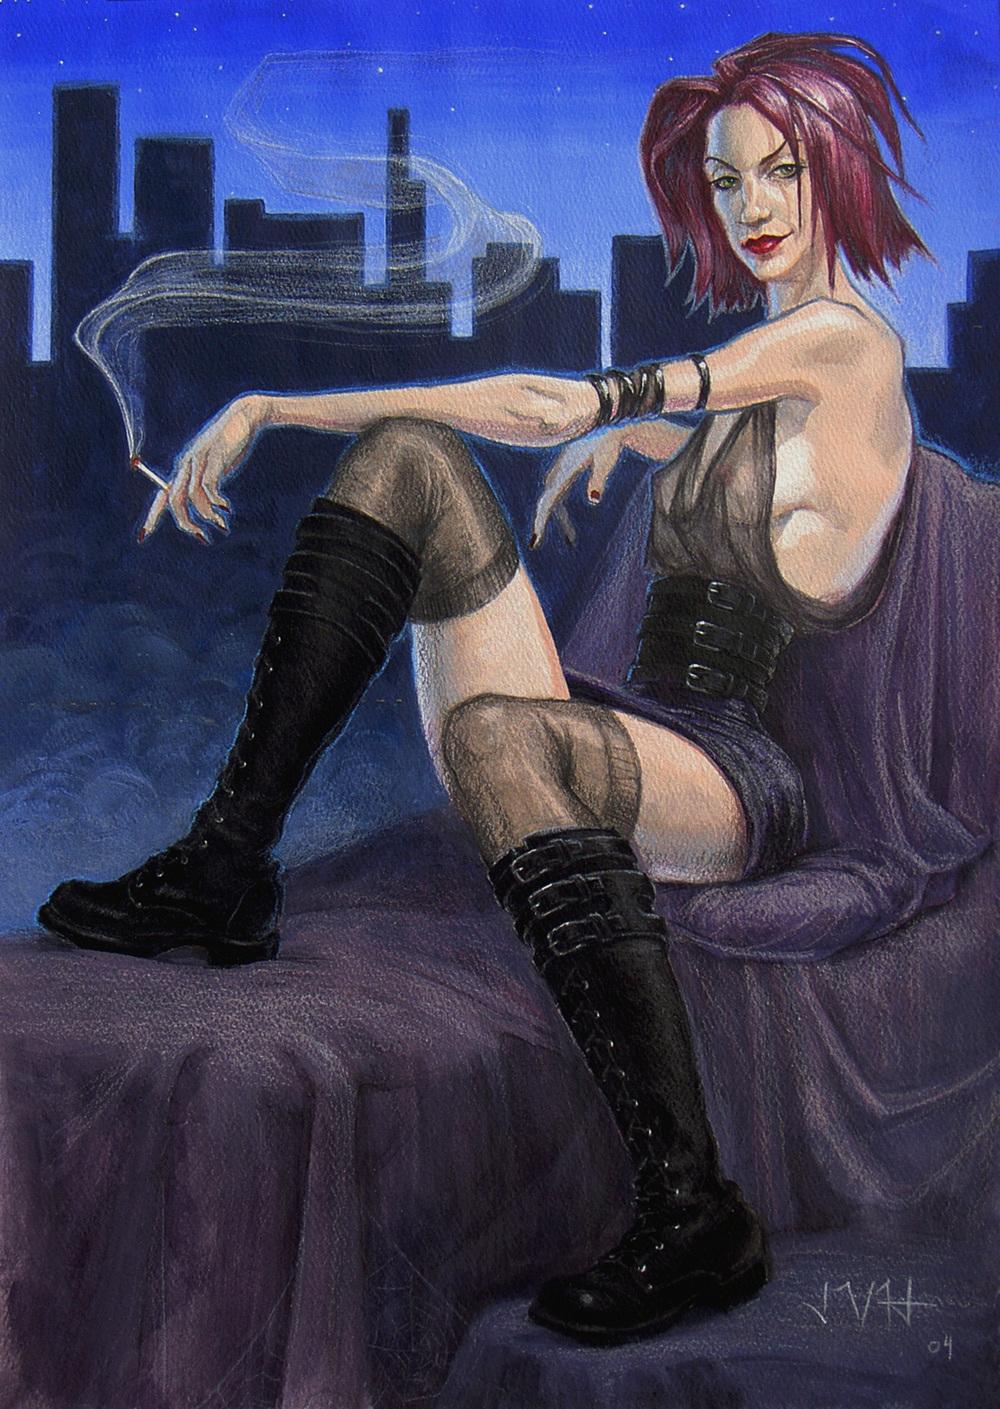 VampireGirl300.jpg